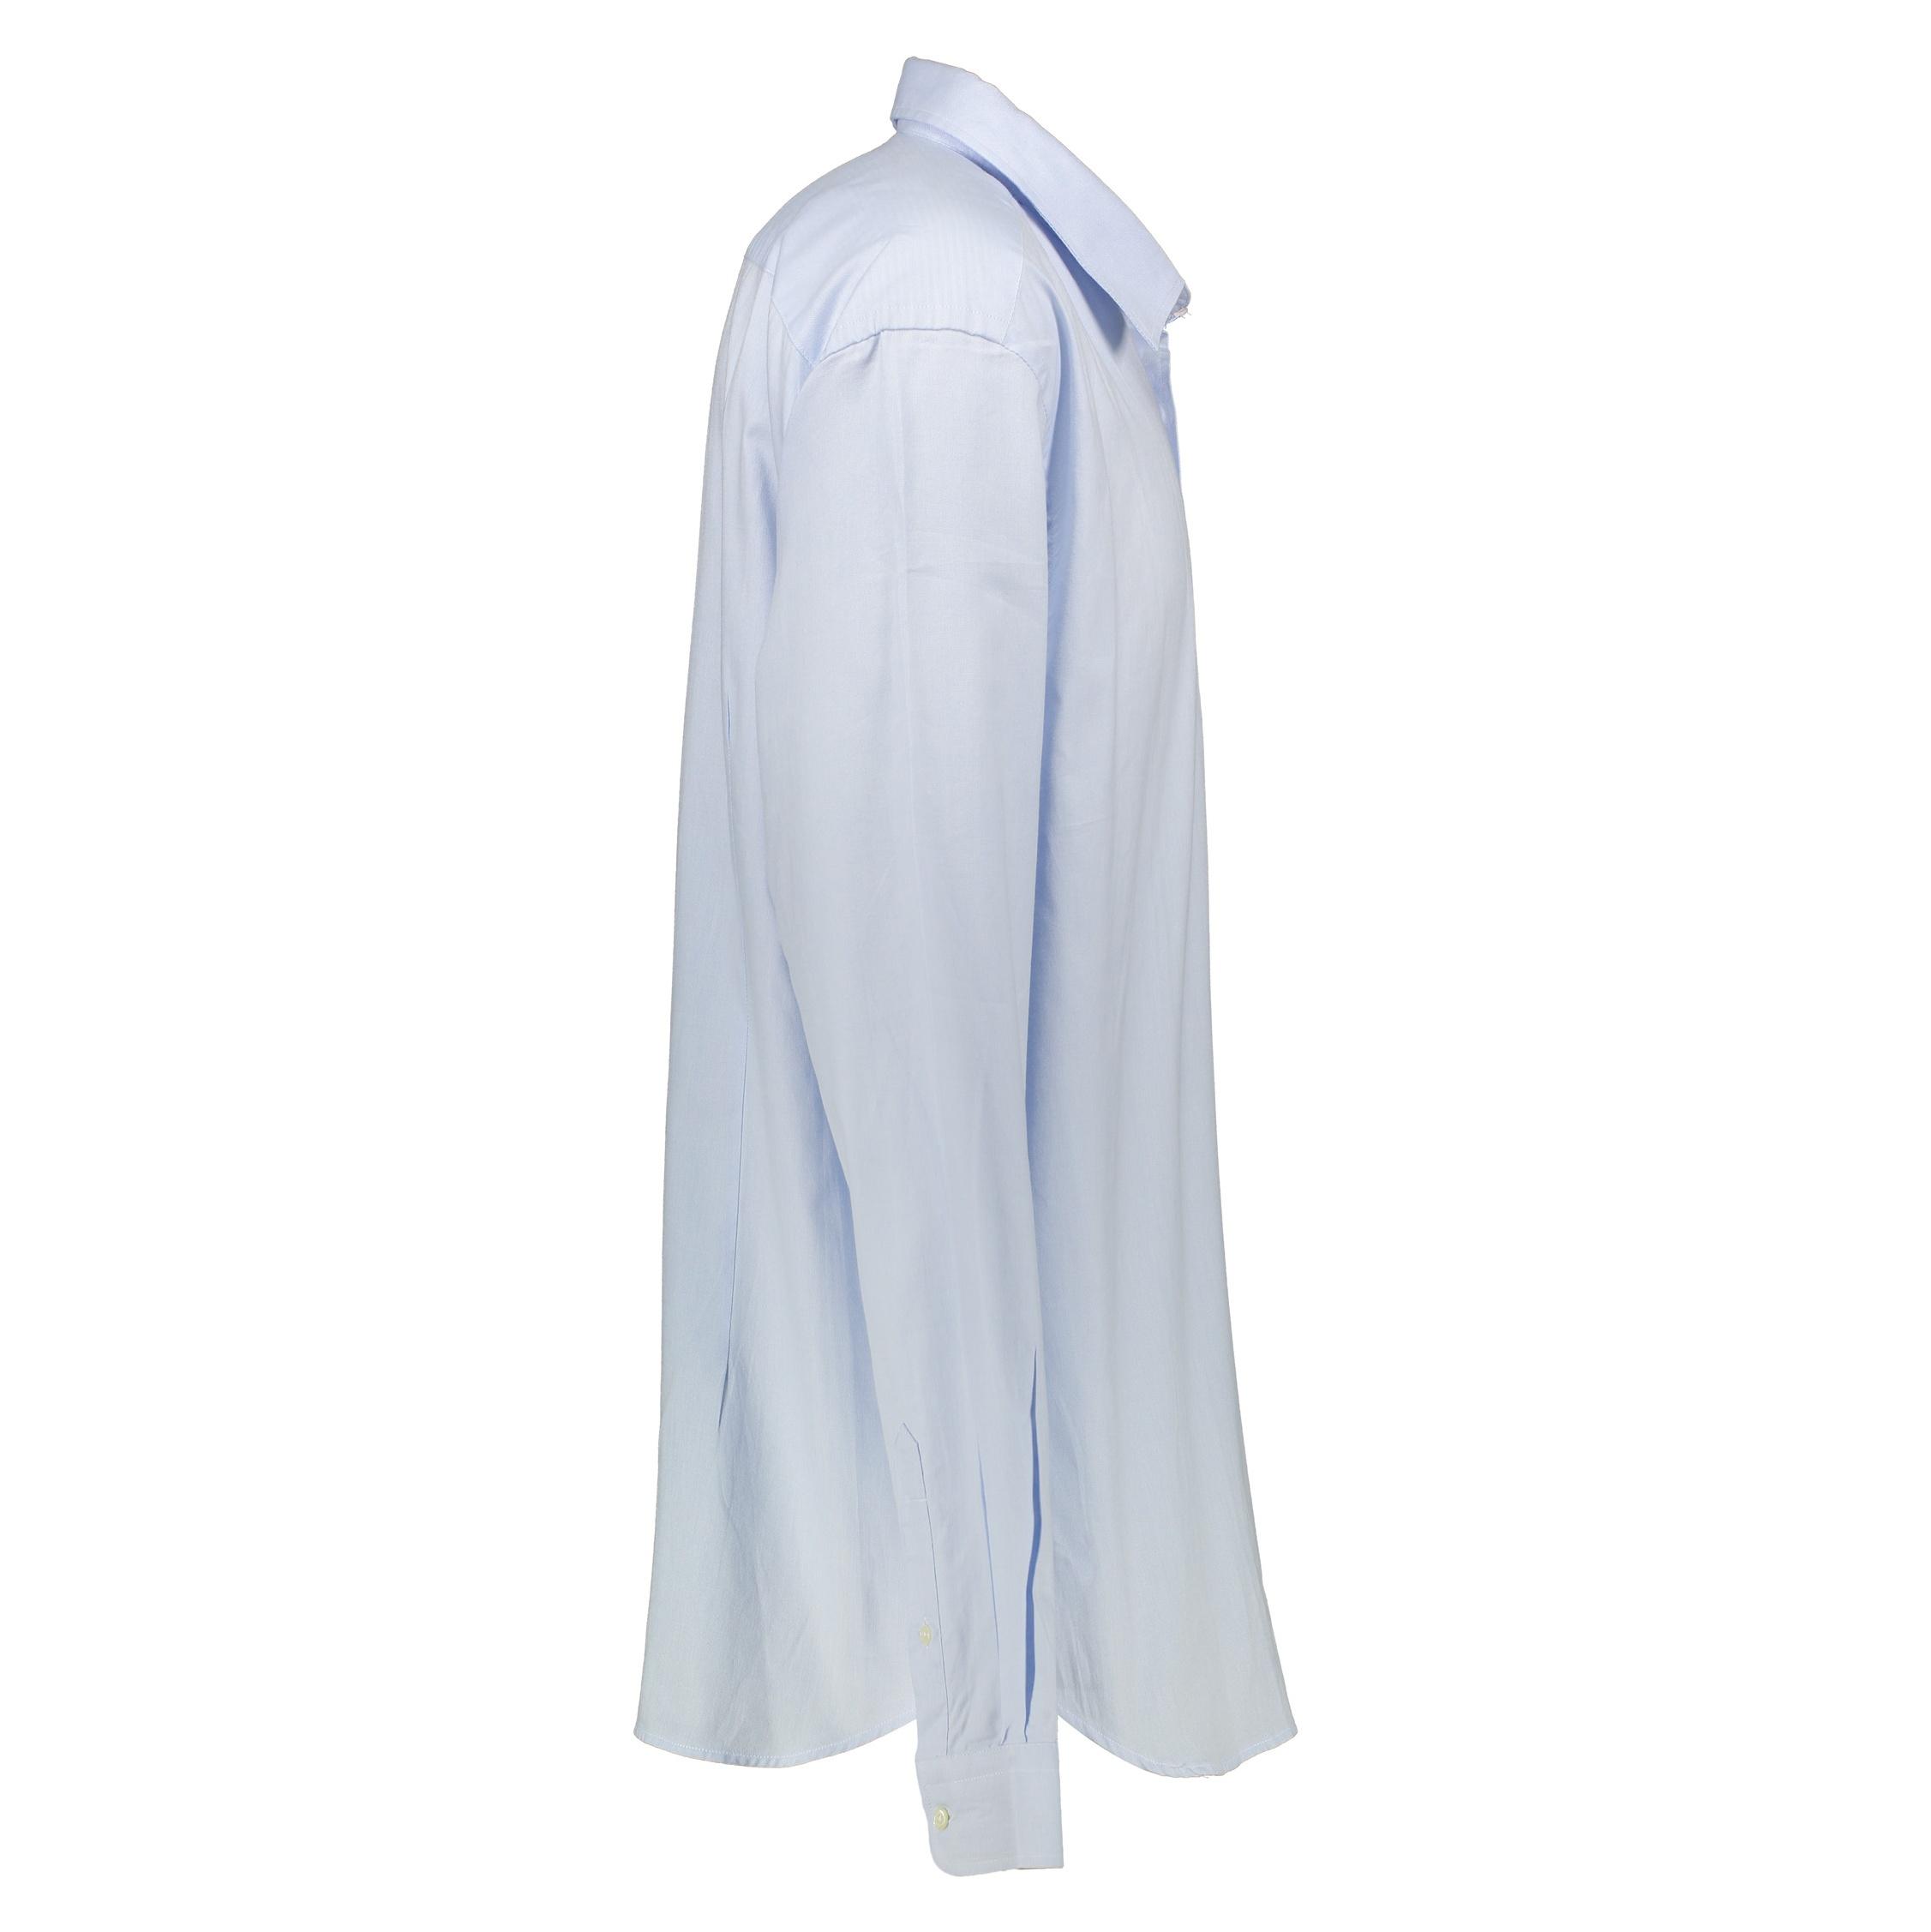 پیراهن مردانه کورتفیل مدل 1762486-11